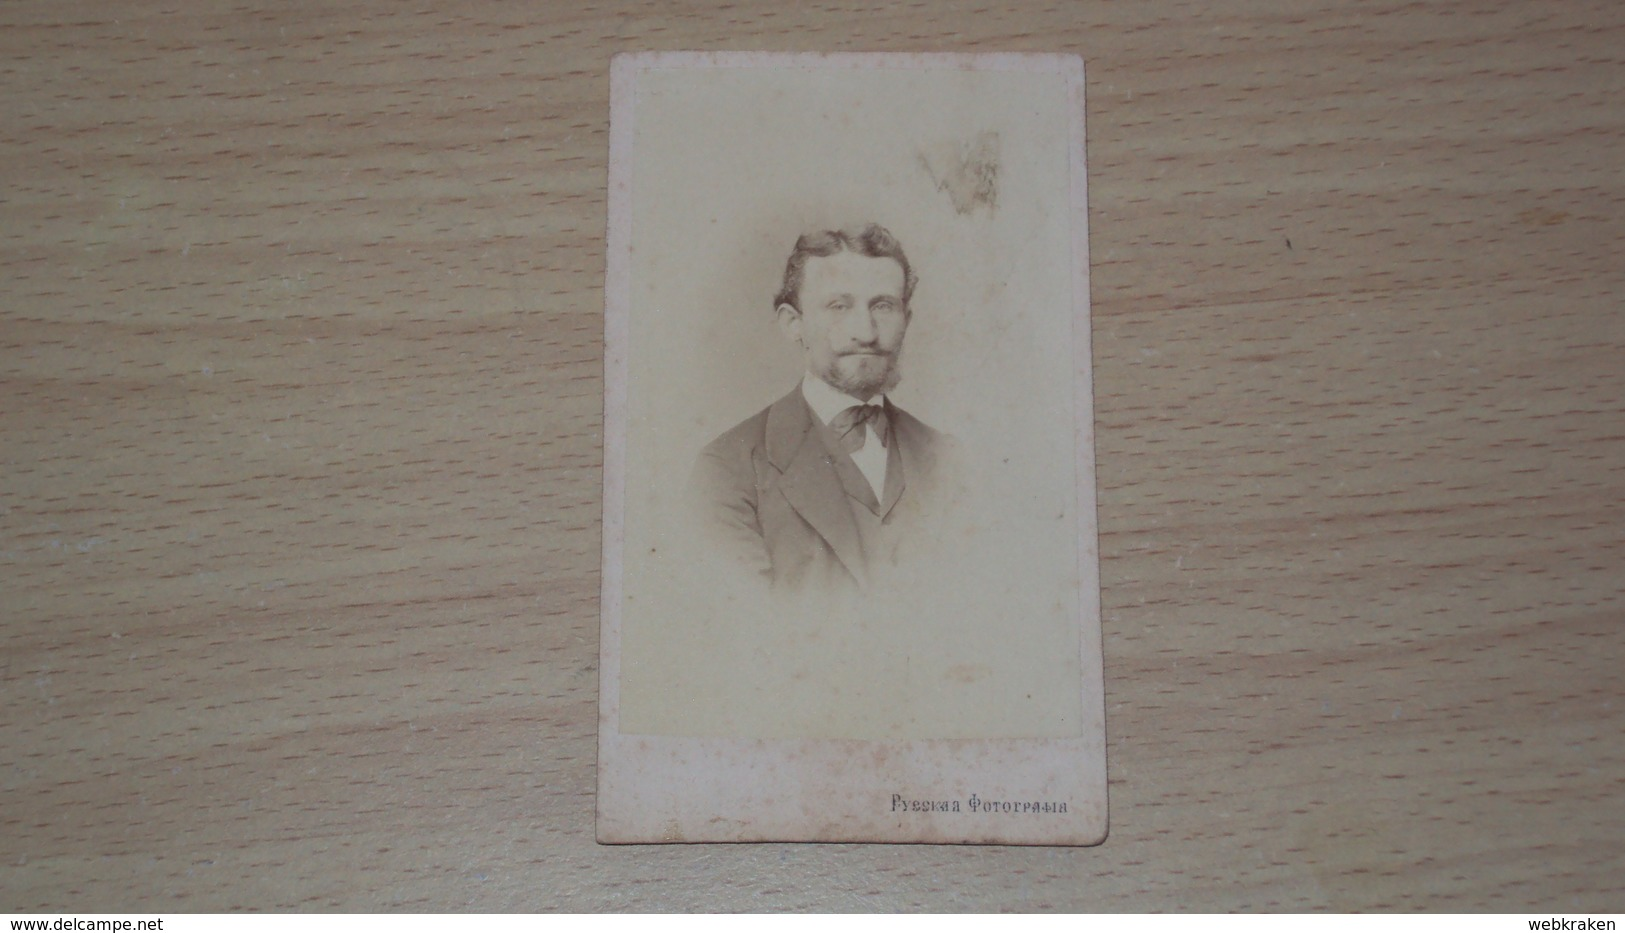 FOTO CARTONATA FOTOGRAFO RYESKAR SERBIA BULGARIA CROAZIA RUSSIA MISURA CM. 10,5  X 6,5 - Antiche (ante 1900)